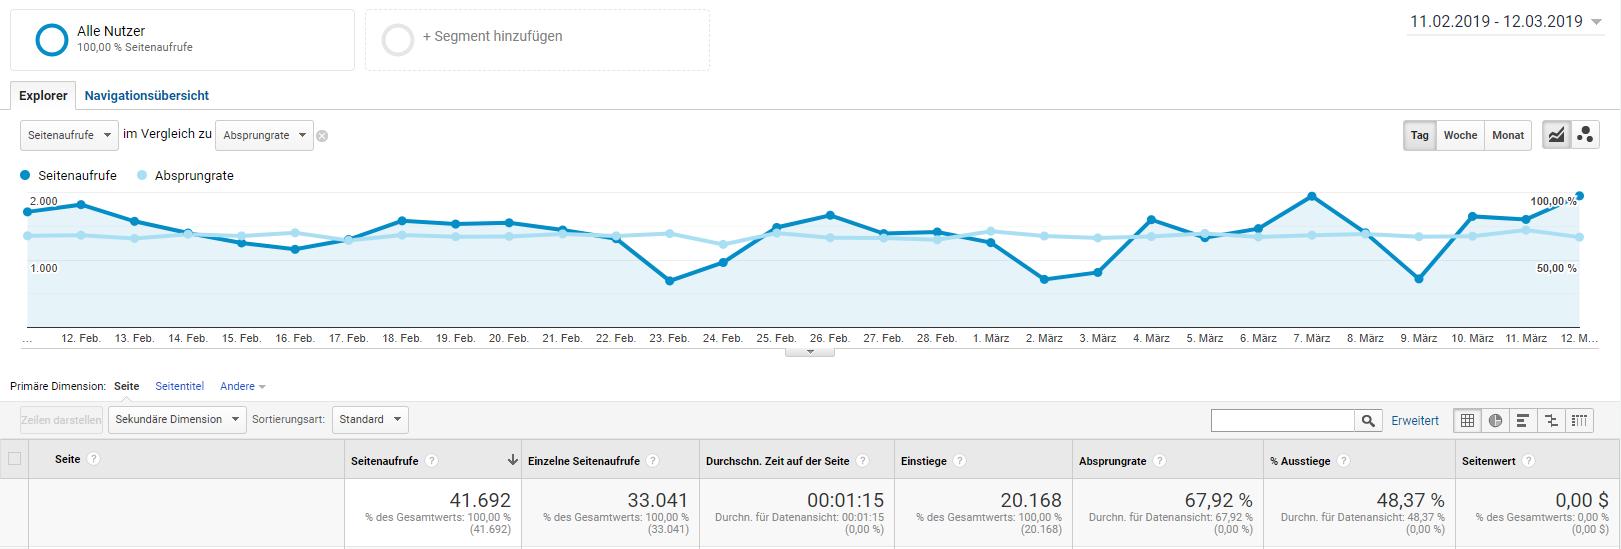 Graphen von Seitenaufruf und Absprungrate auf Google Analytics